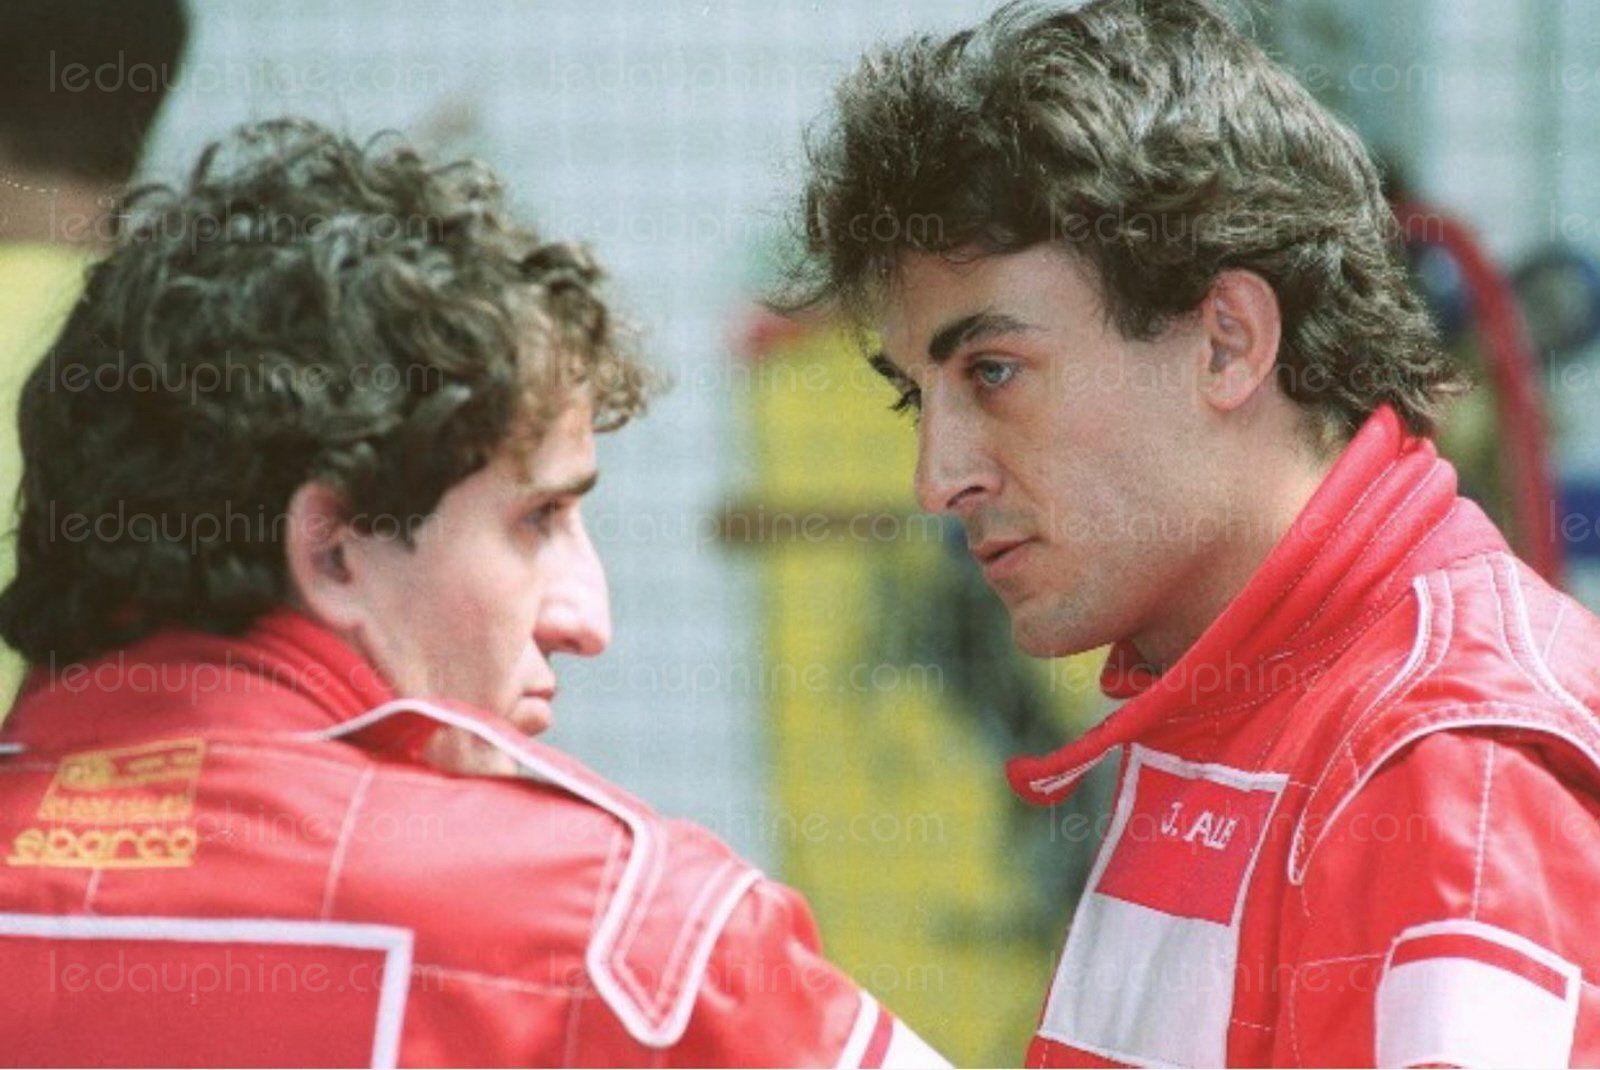 Sports | Anniversaire : Alain Prost, 60 ans et 4 titres de champion du monde